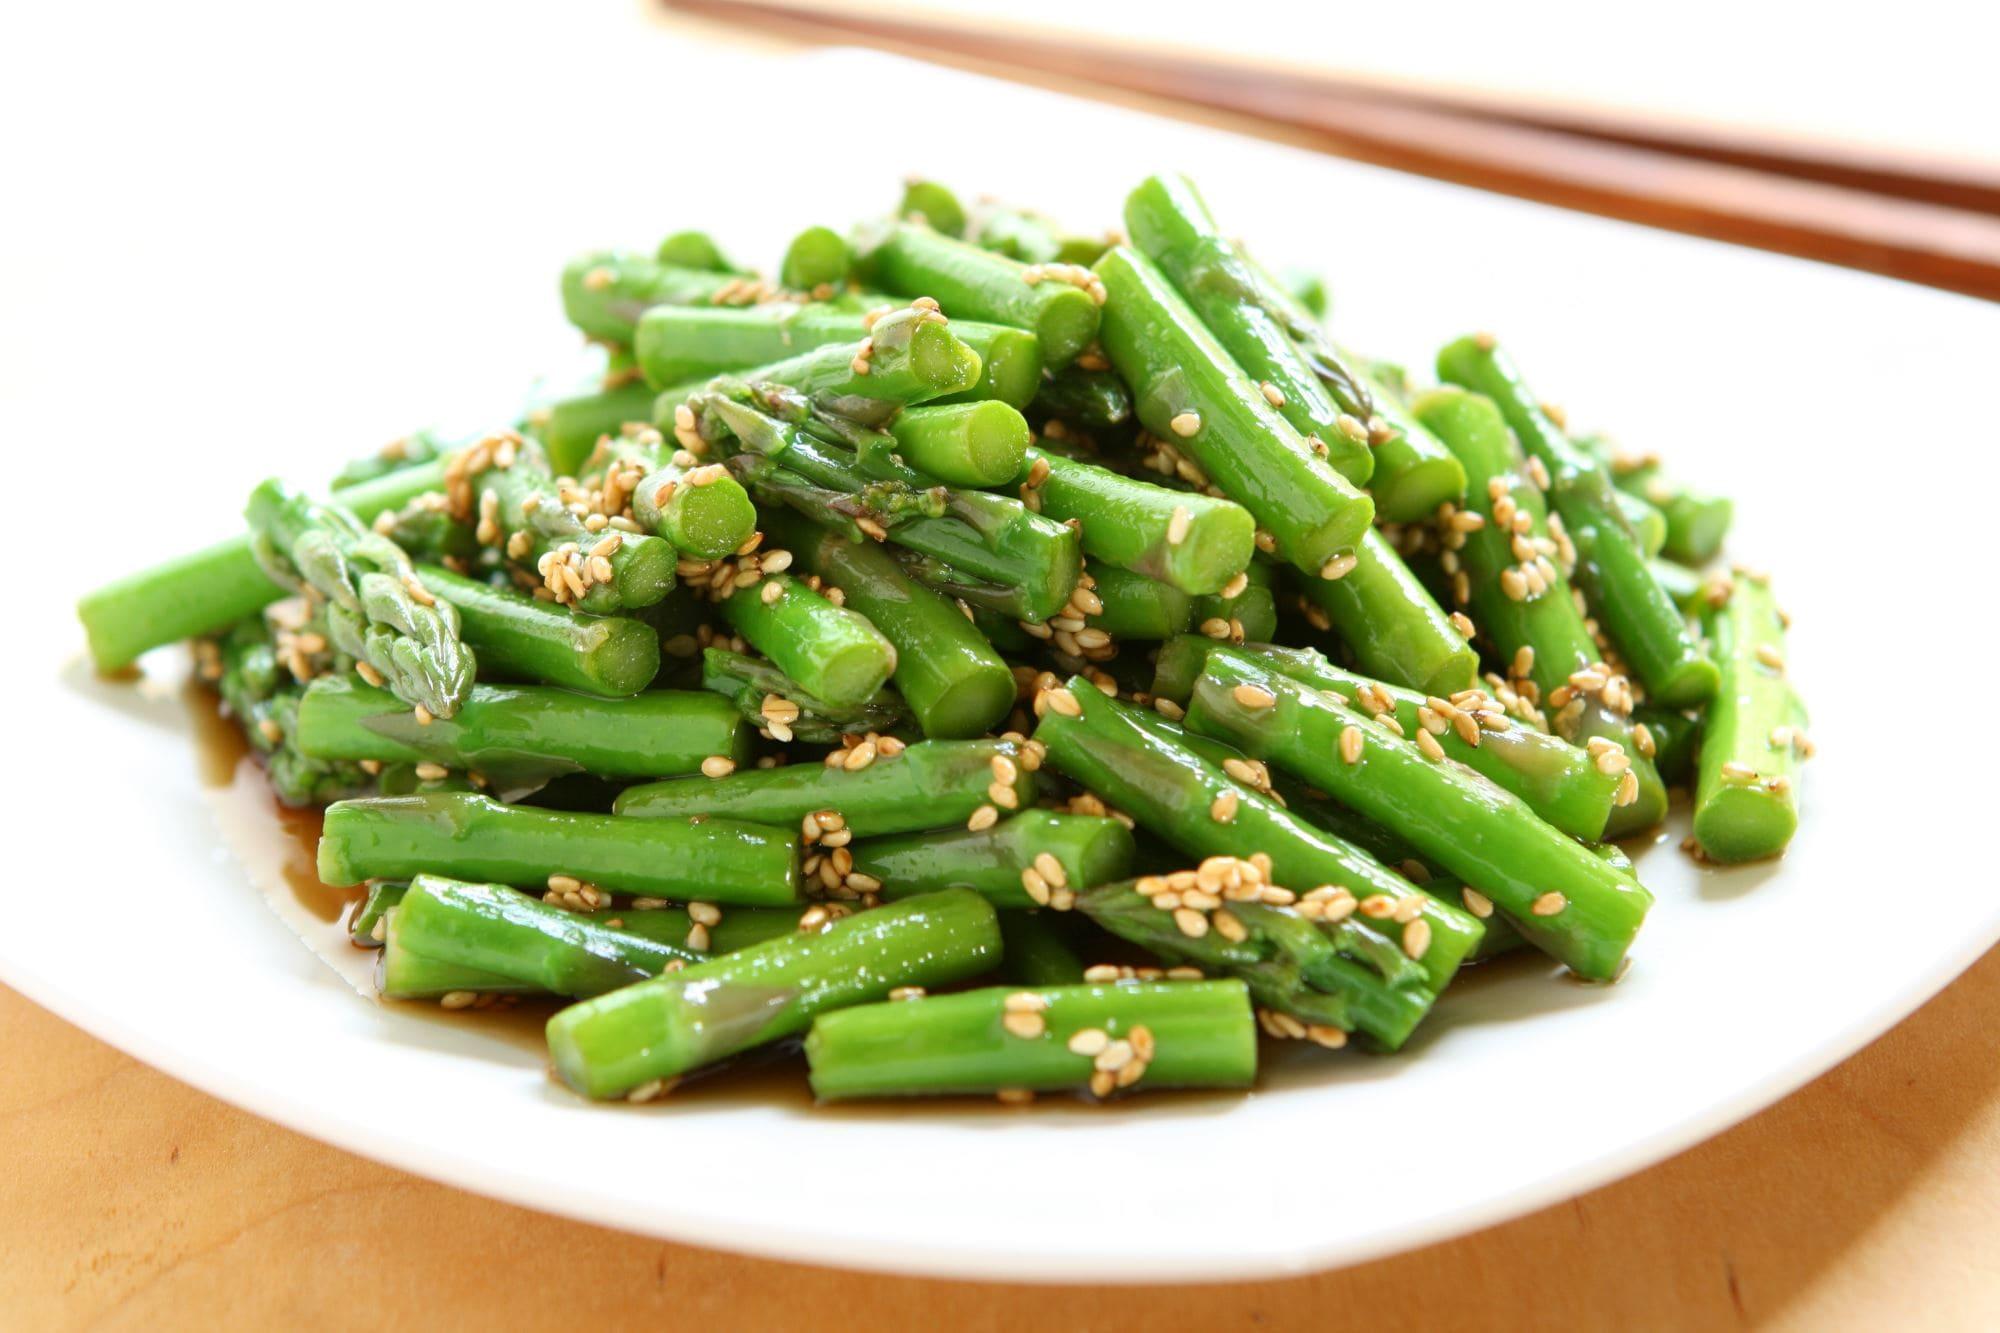 Asparges i wok